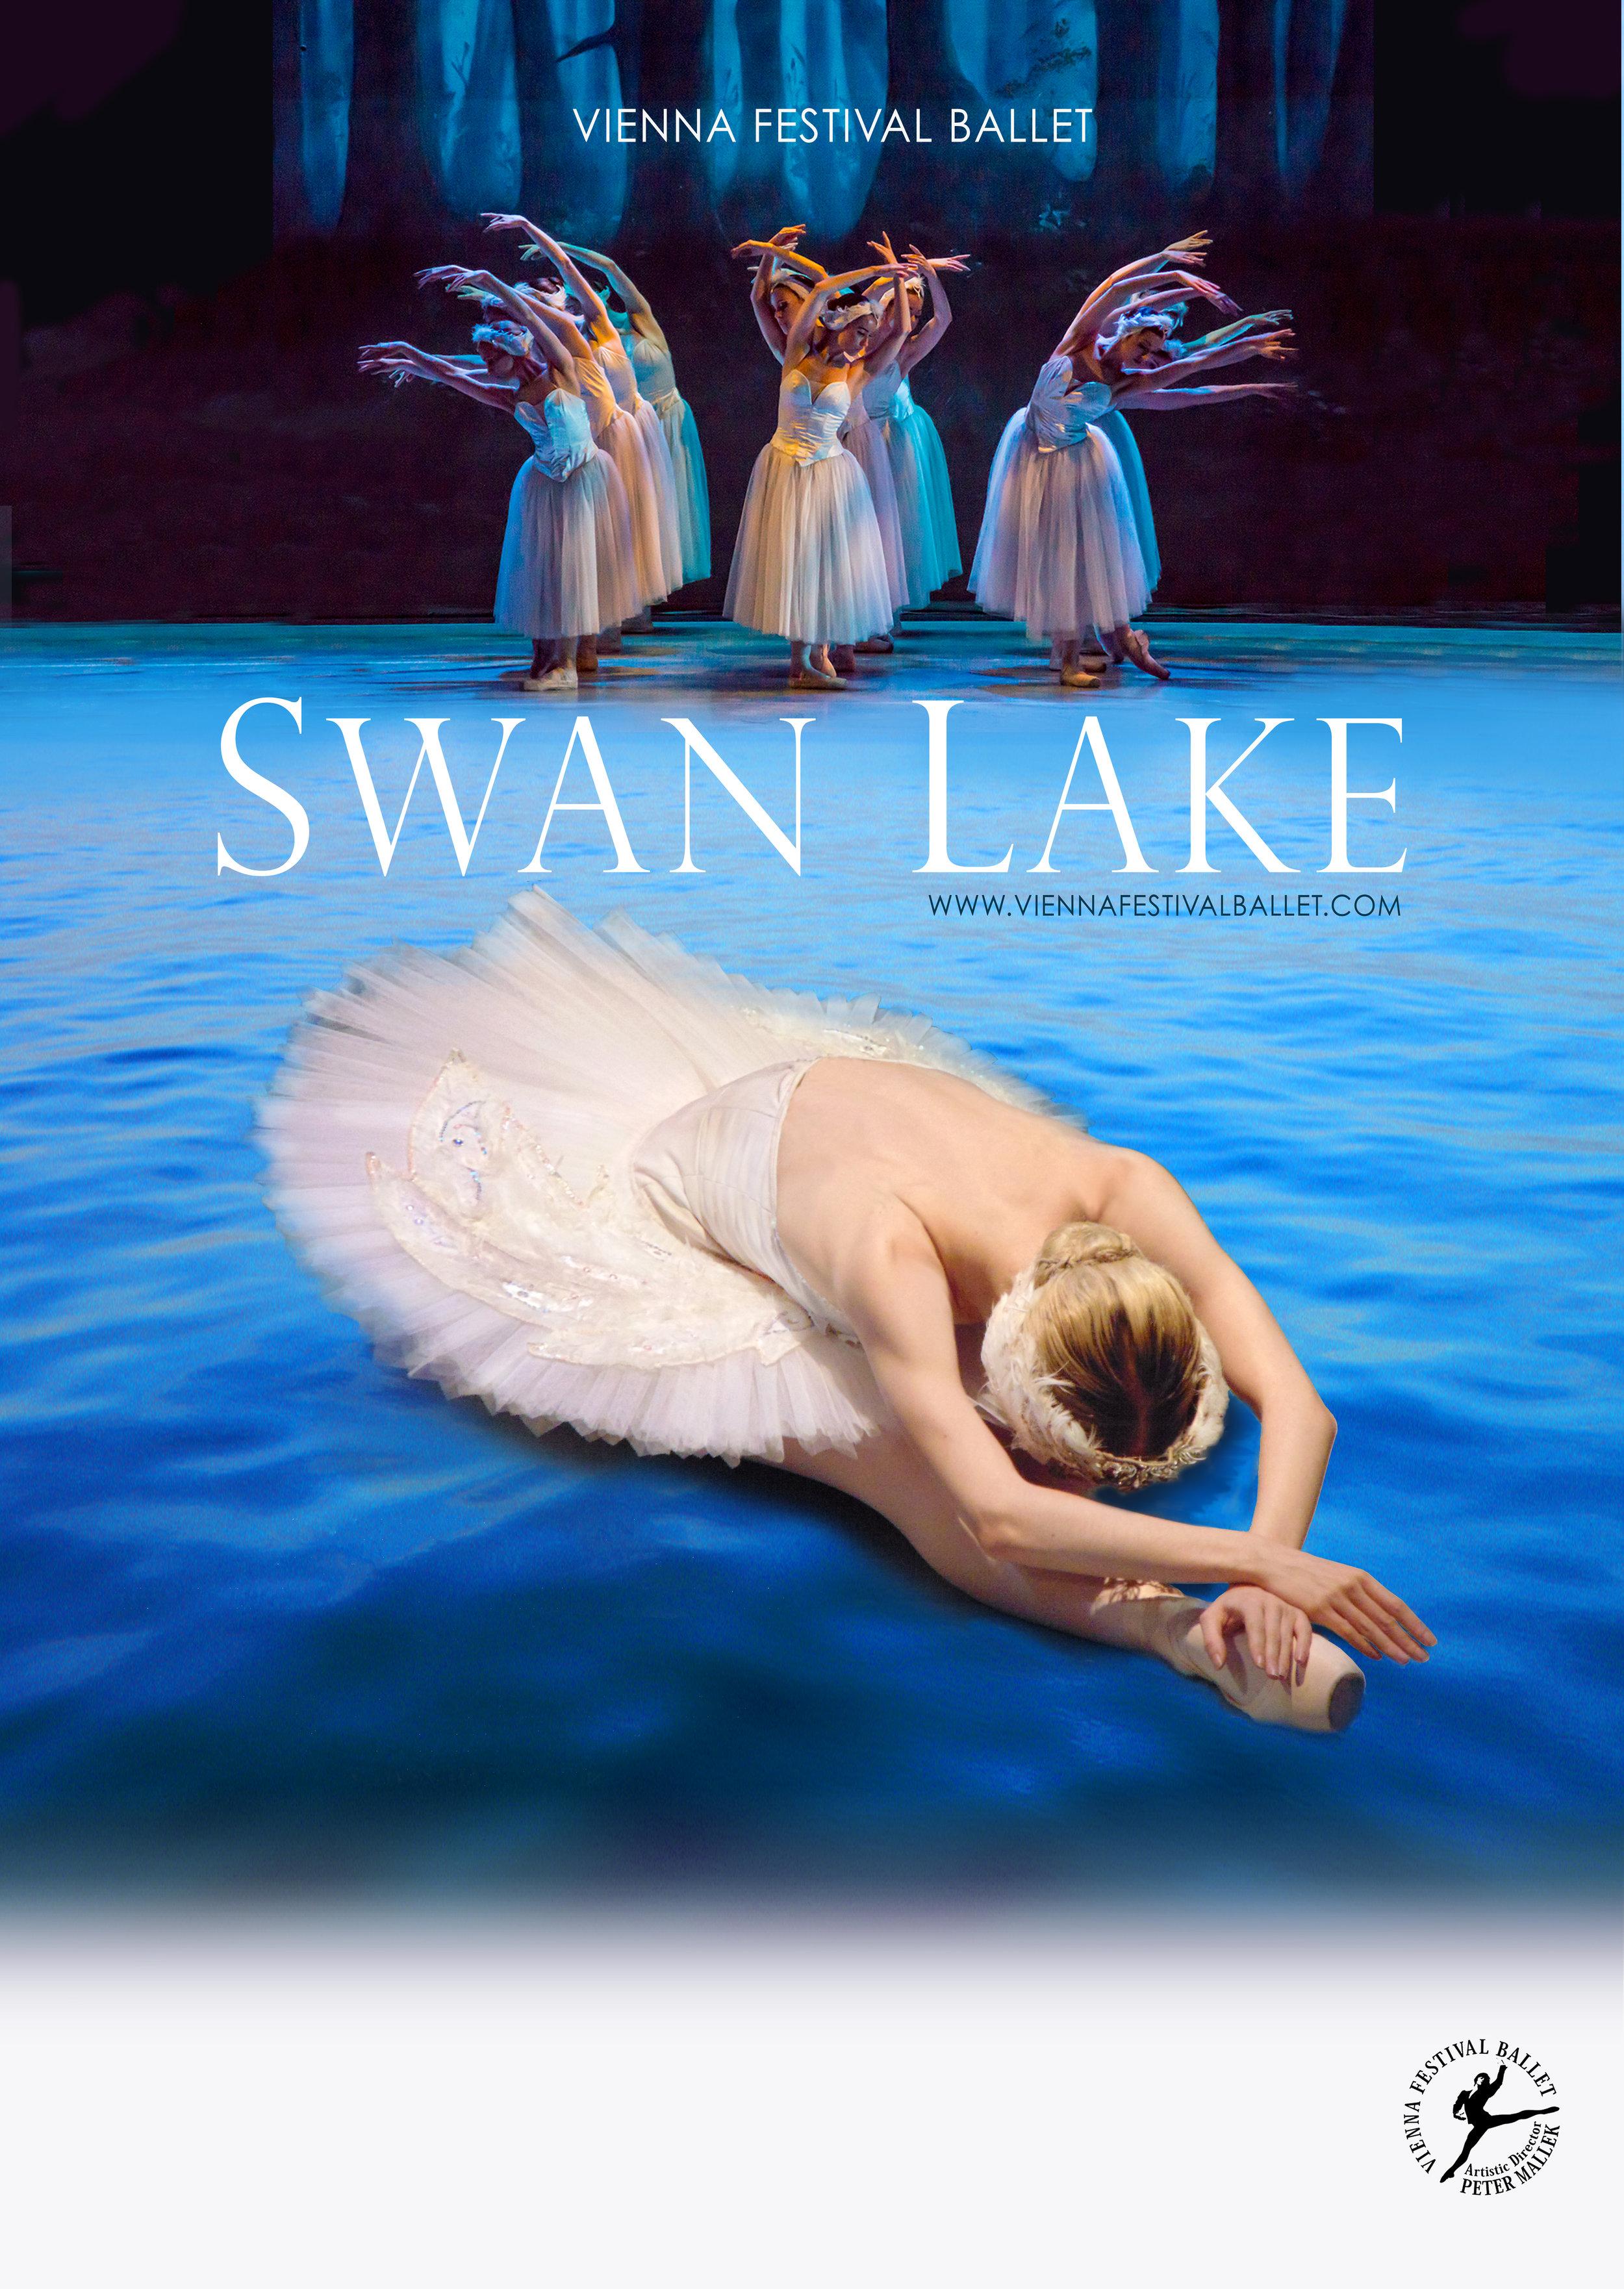 swan lake poster no text.jpg